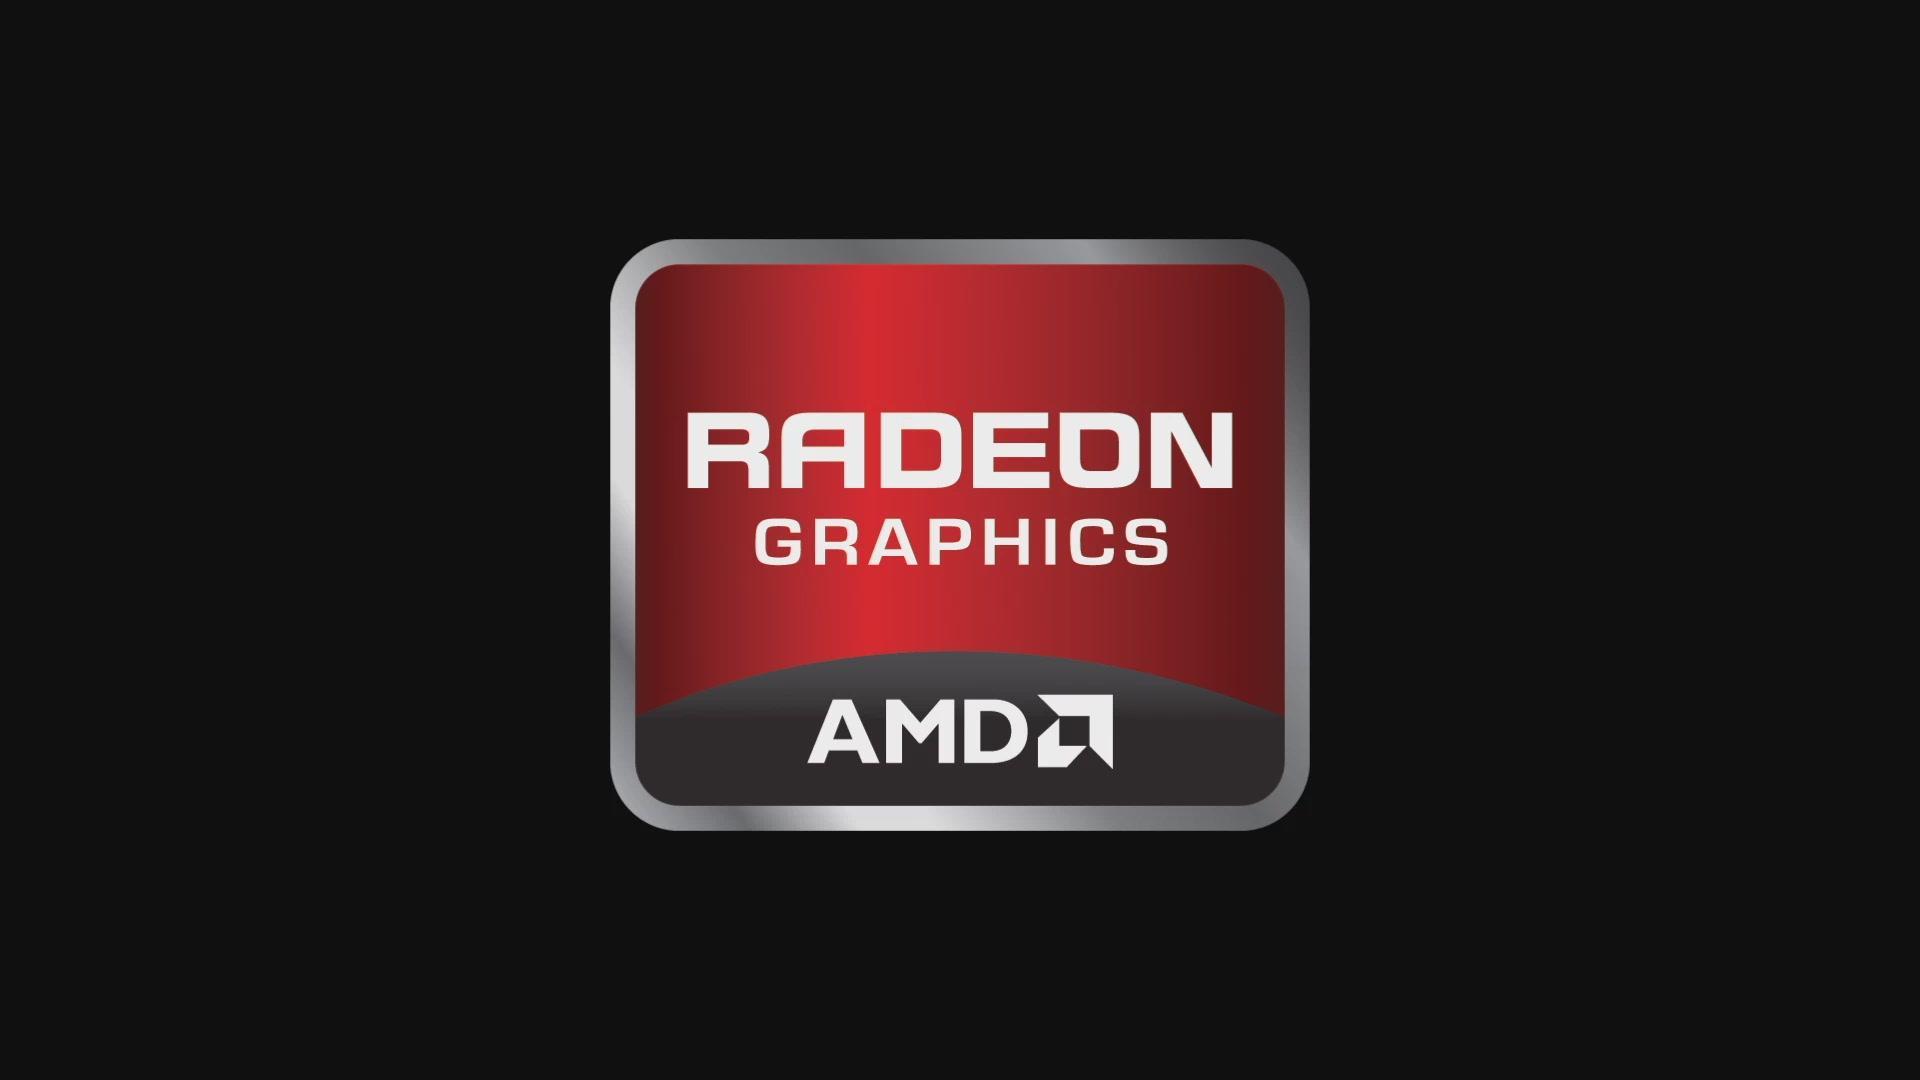 大摩表示微处理器市场发展势头放缓 AMD股价大跌近9%